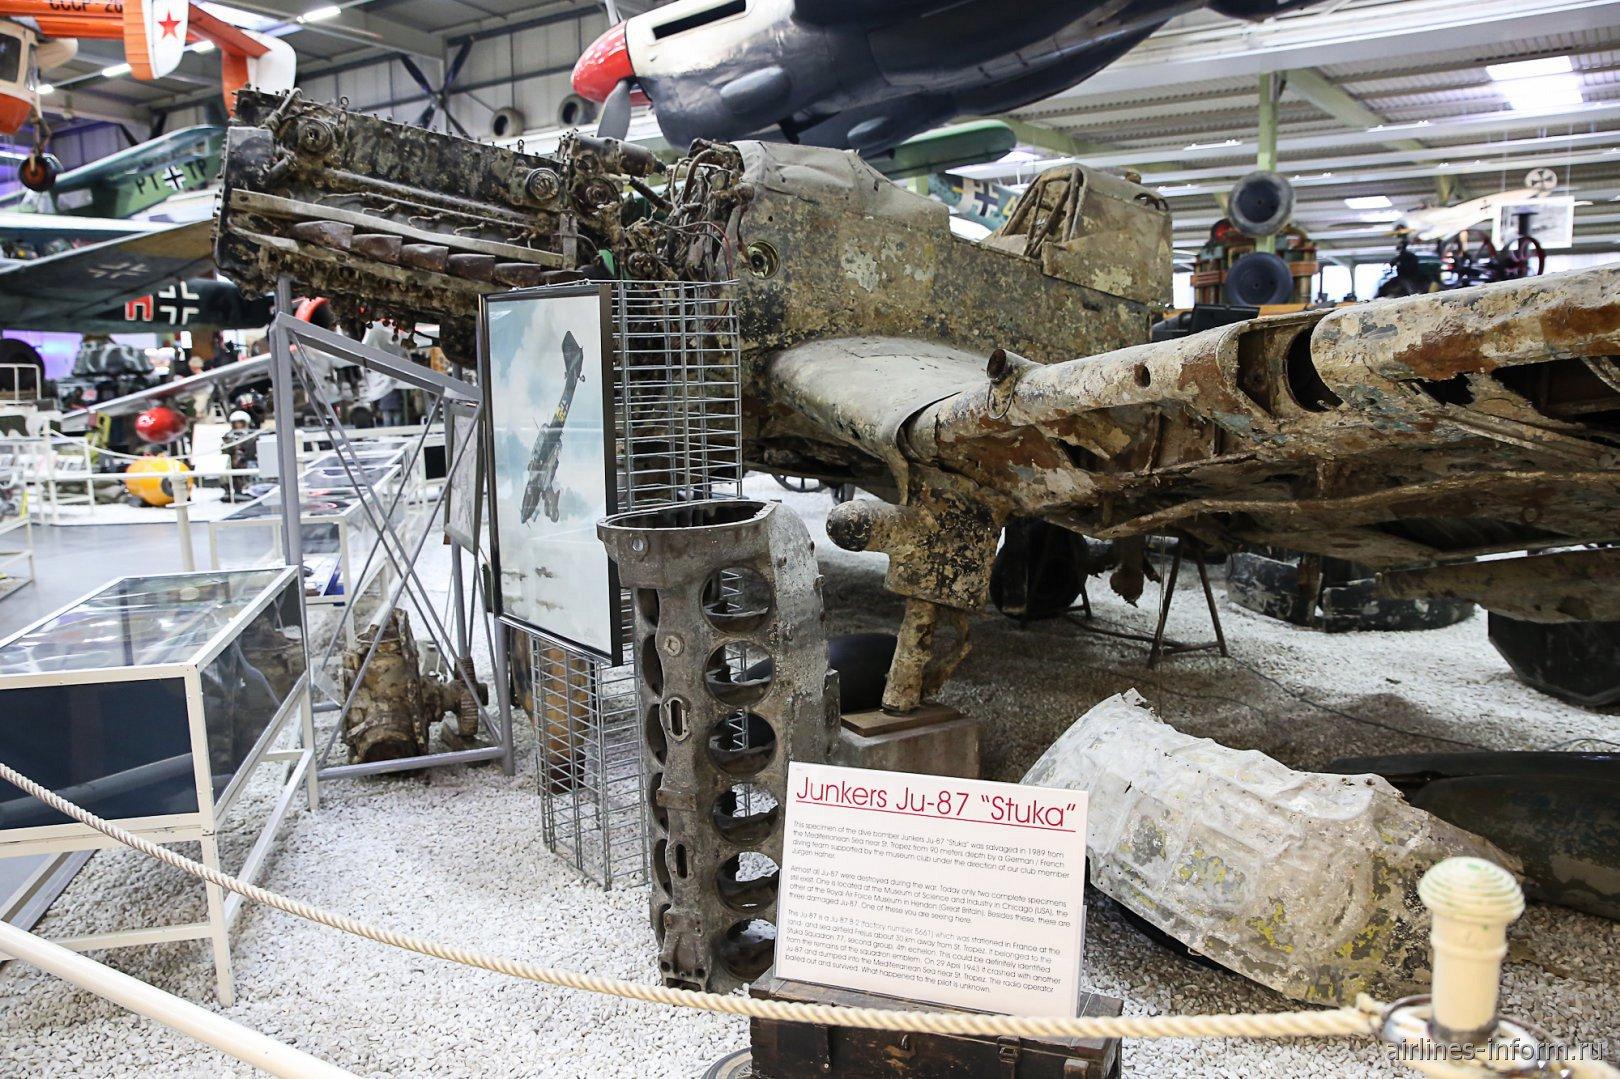 Останки пикировщика Ю-87 в музее техники в Зинсхайме